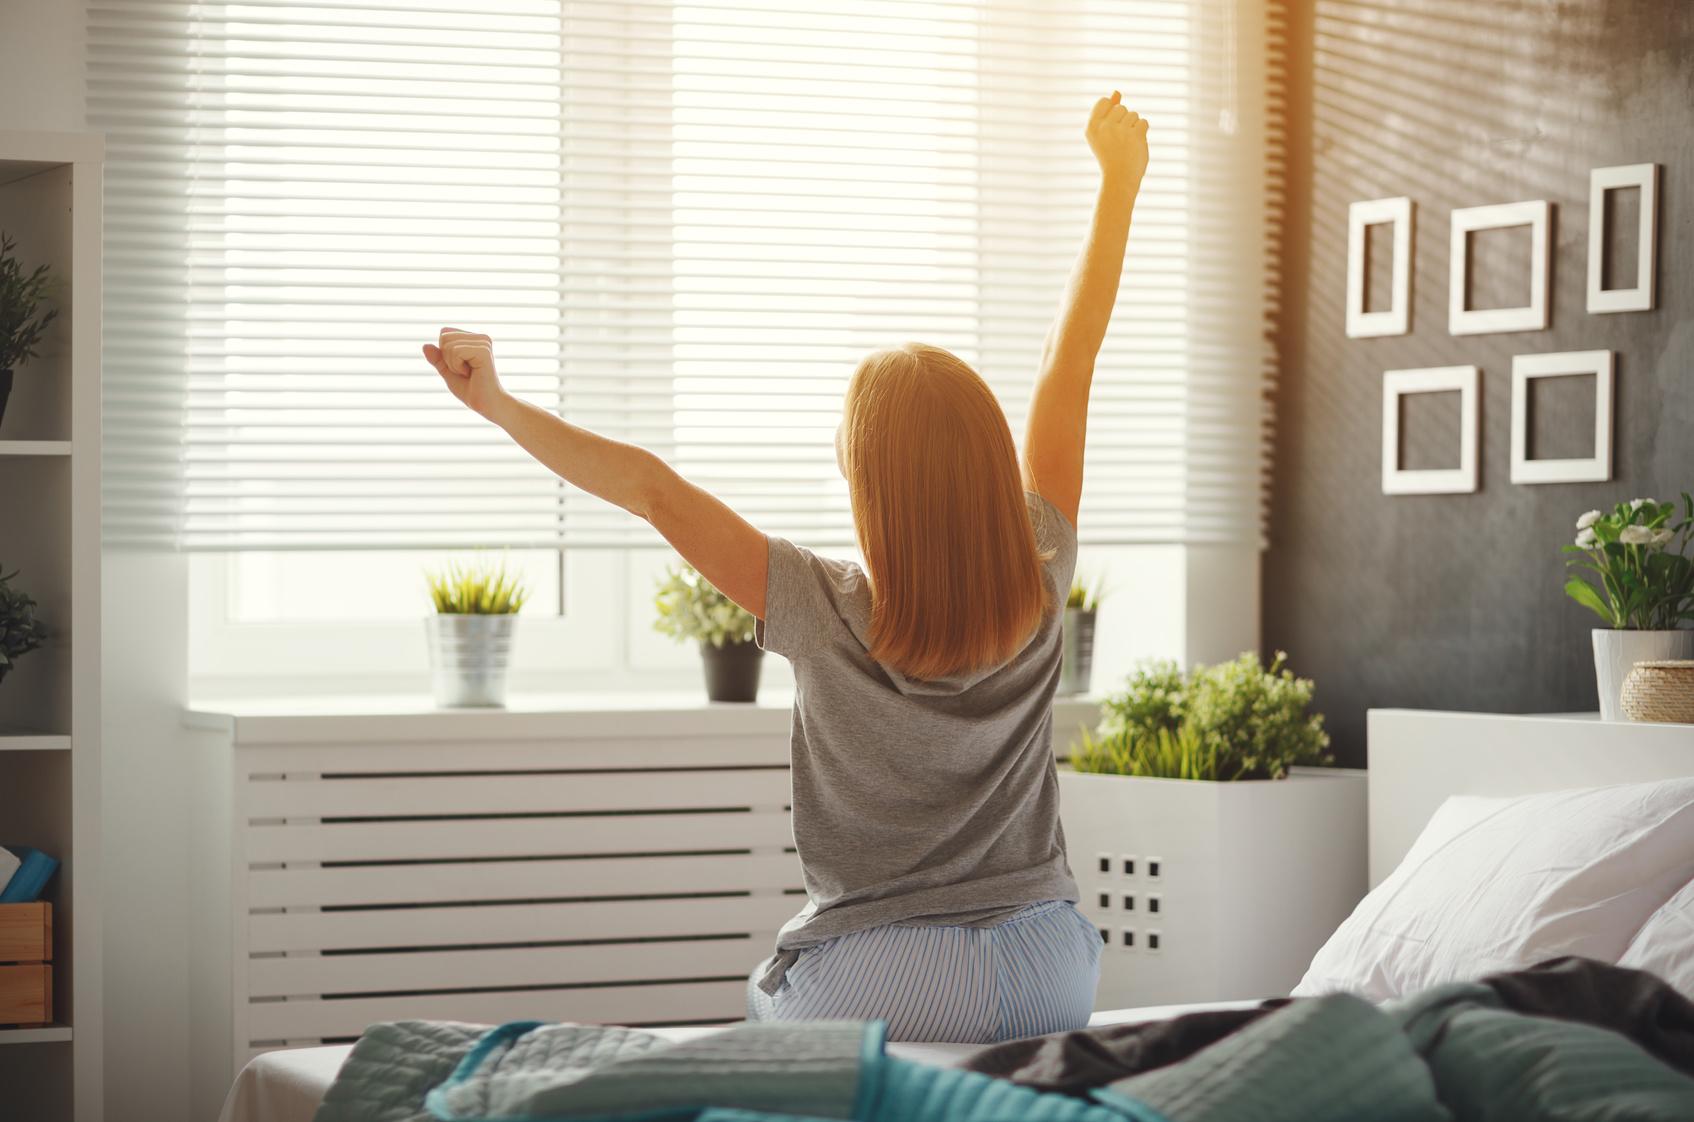 朝すっきり目覚めるために「睡眠の質」を高めよう!